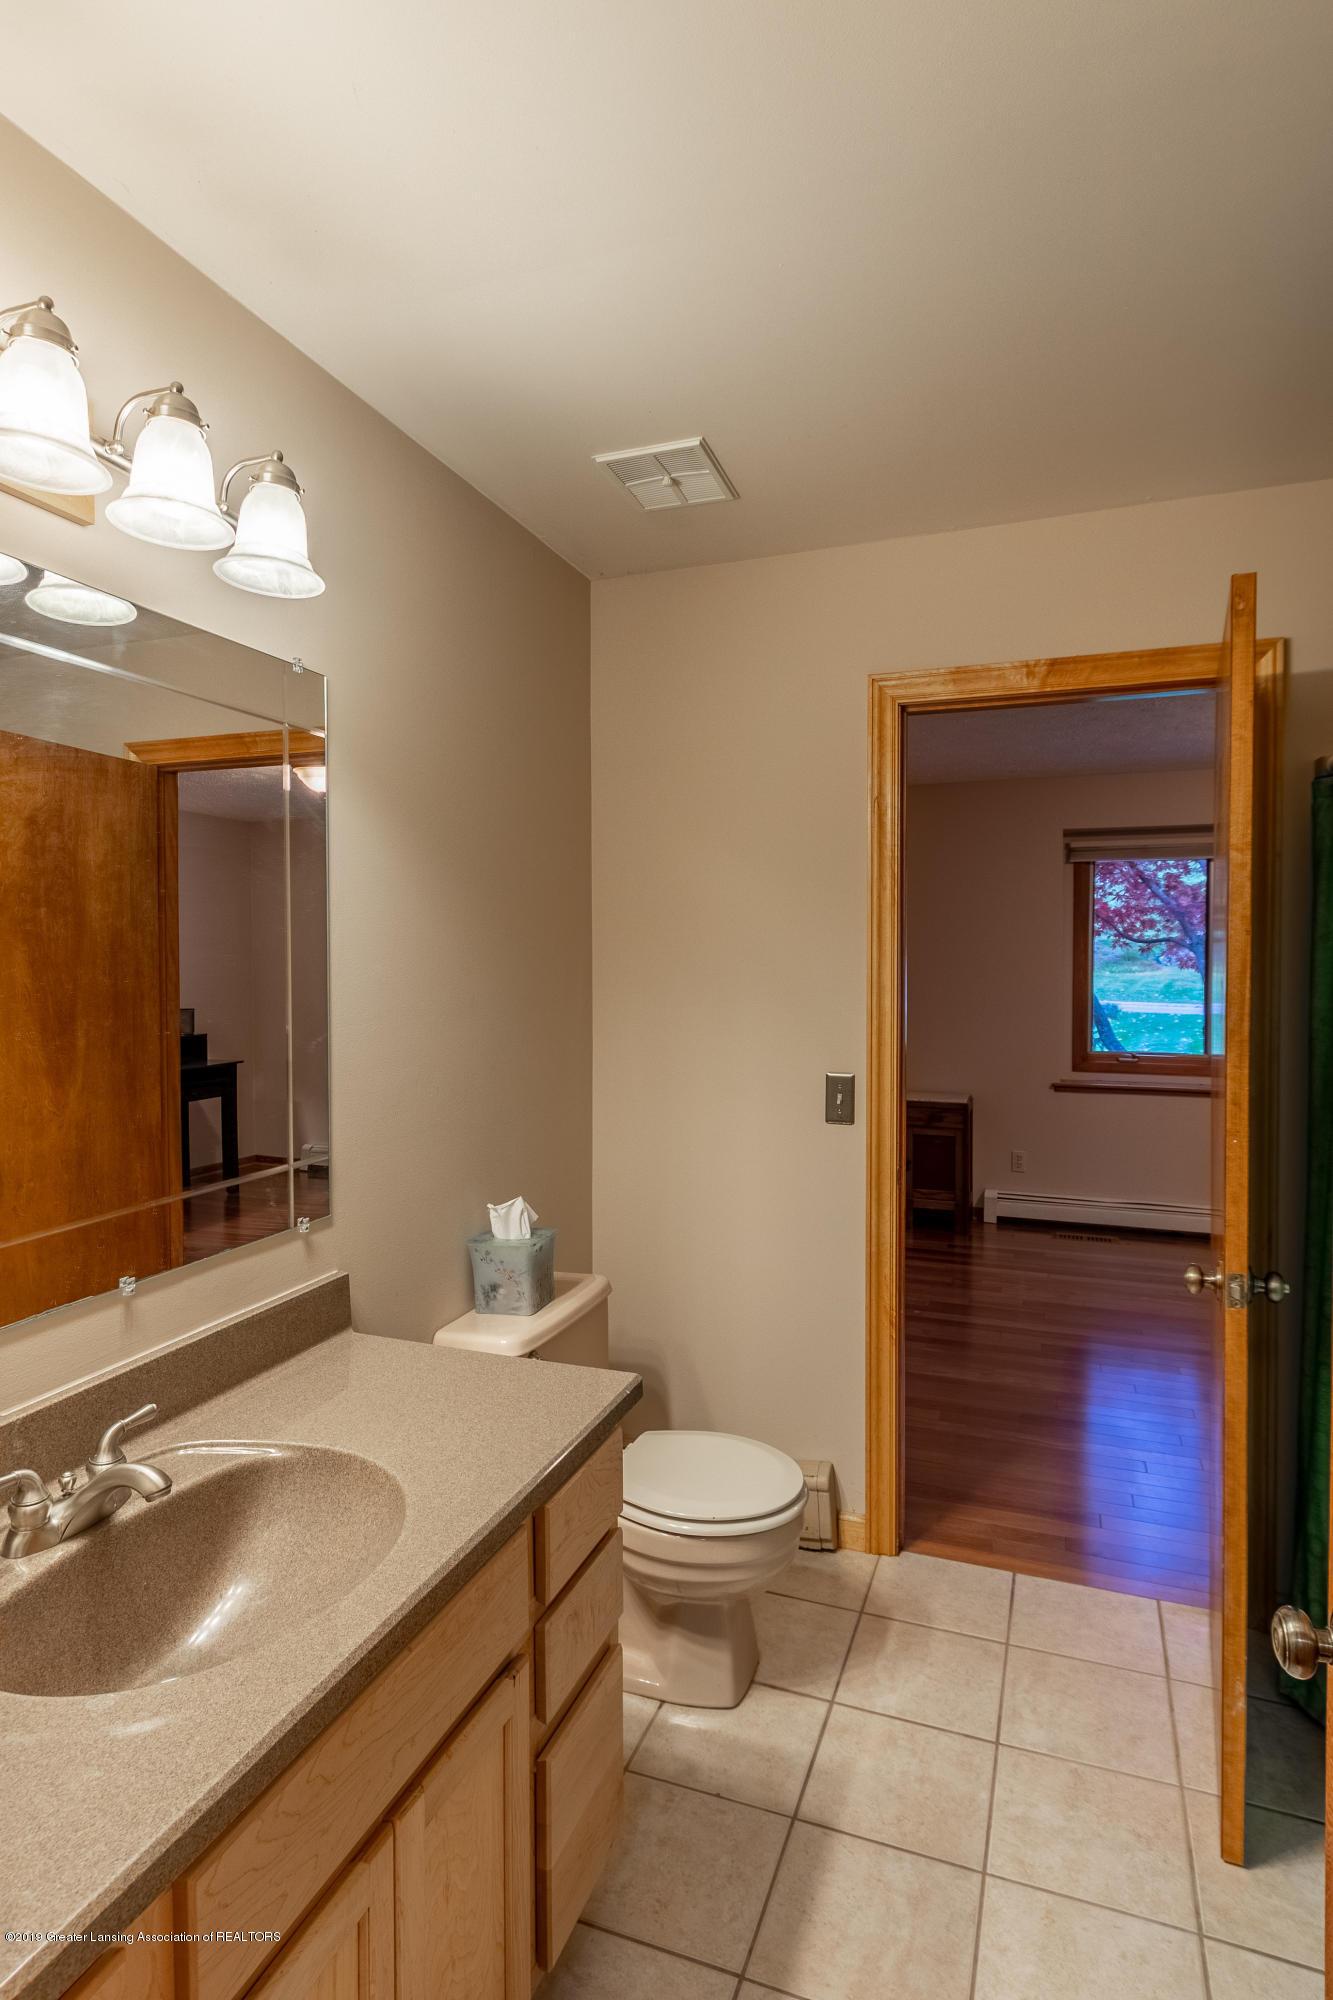 604 E Geneva Dr - Full Bath 1st Floor - 29